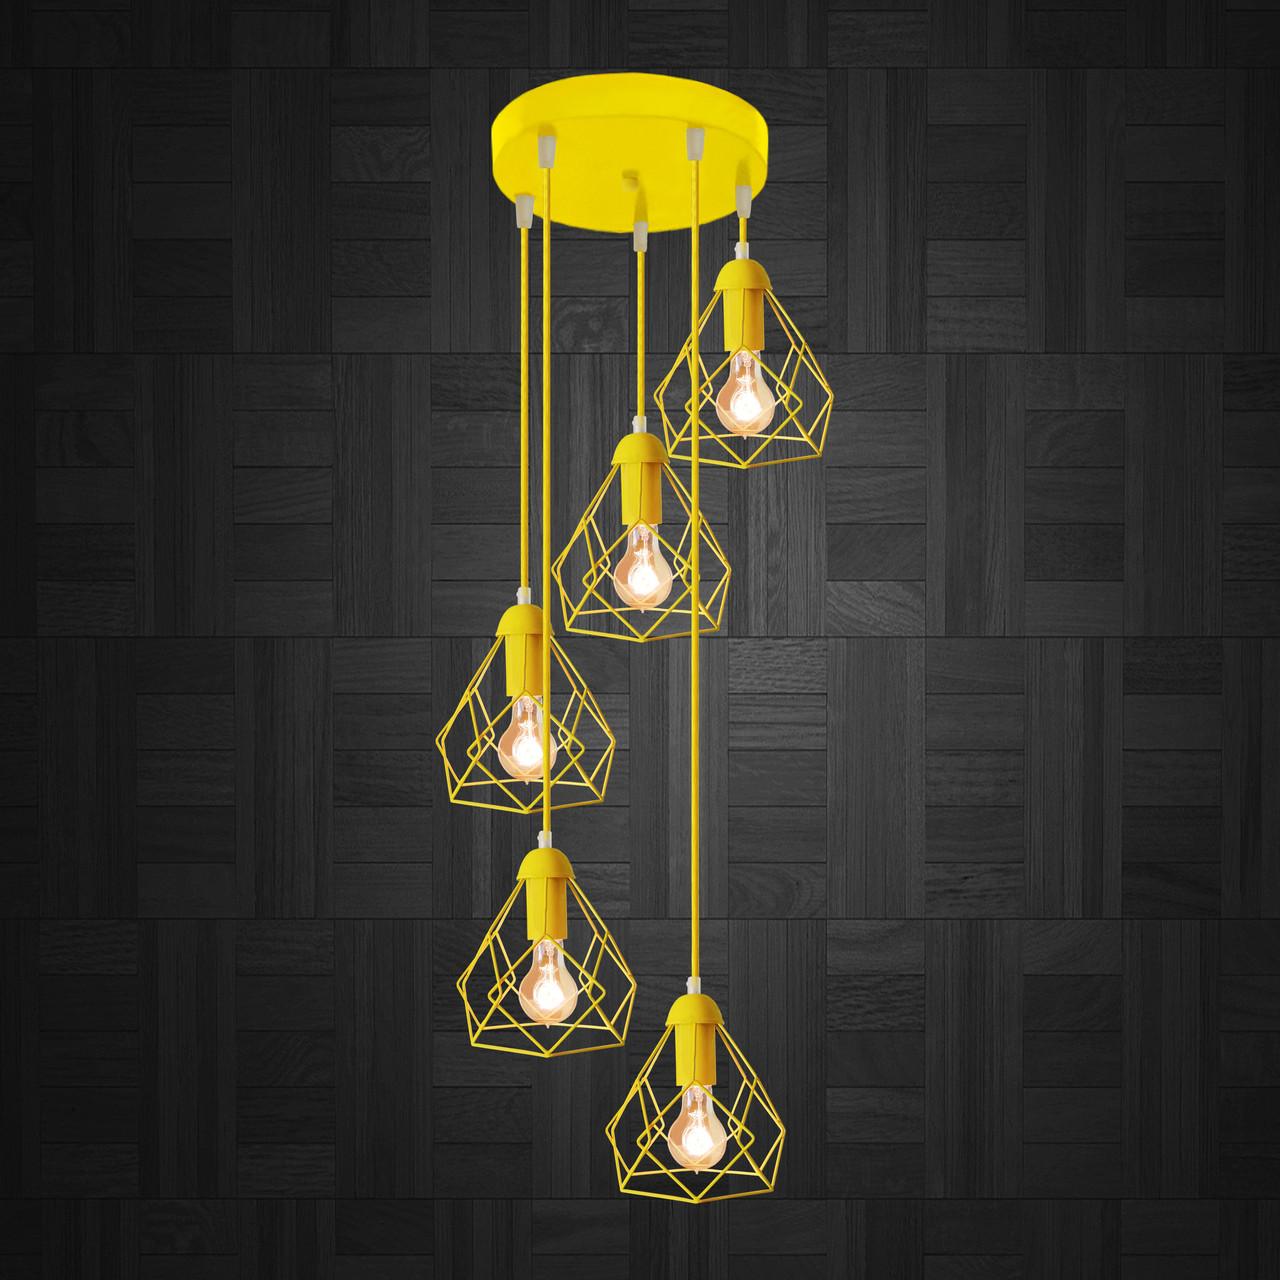 """Подвесной металлический светильник, современный стиль, loft, vintage, modern style """"RUBY-5GЕ"""" Е27  желтый цвет"""